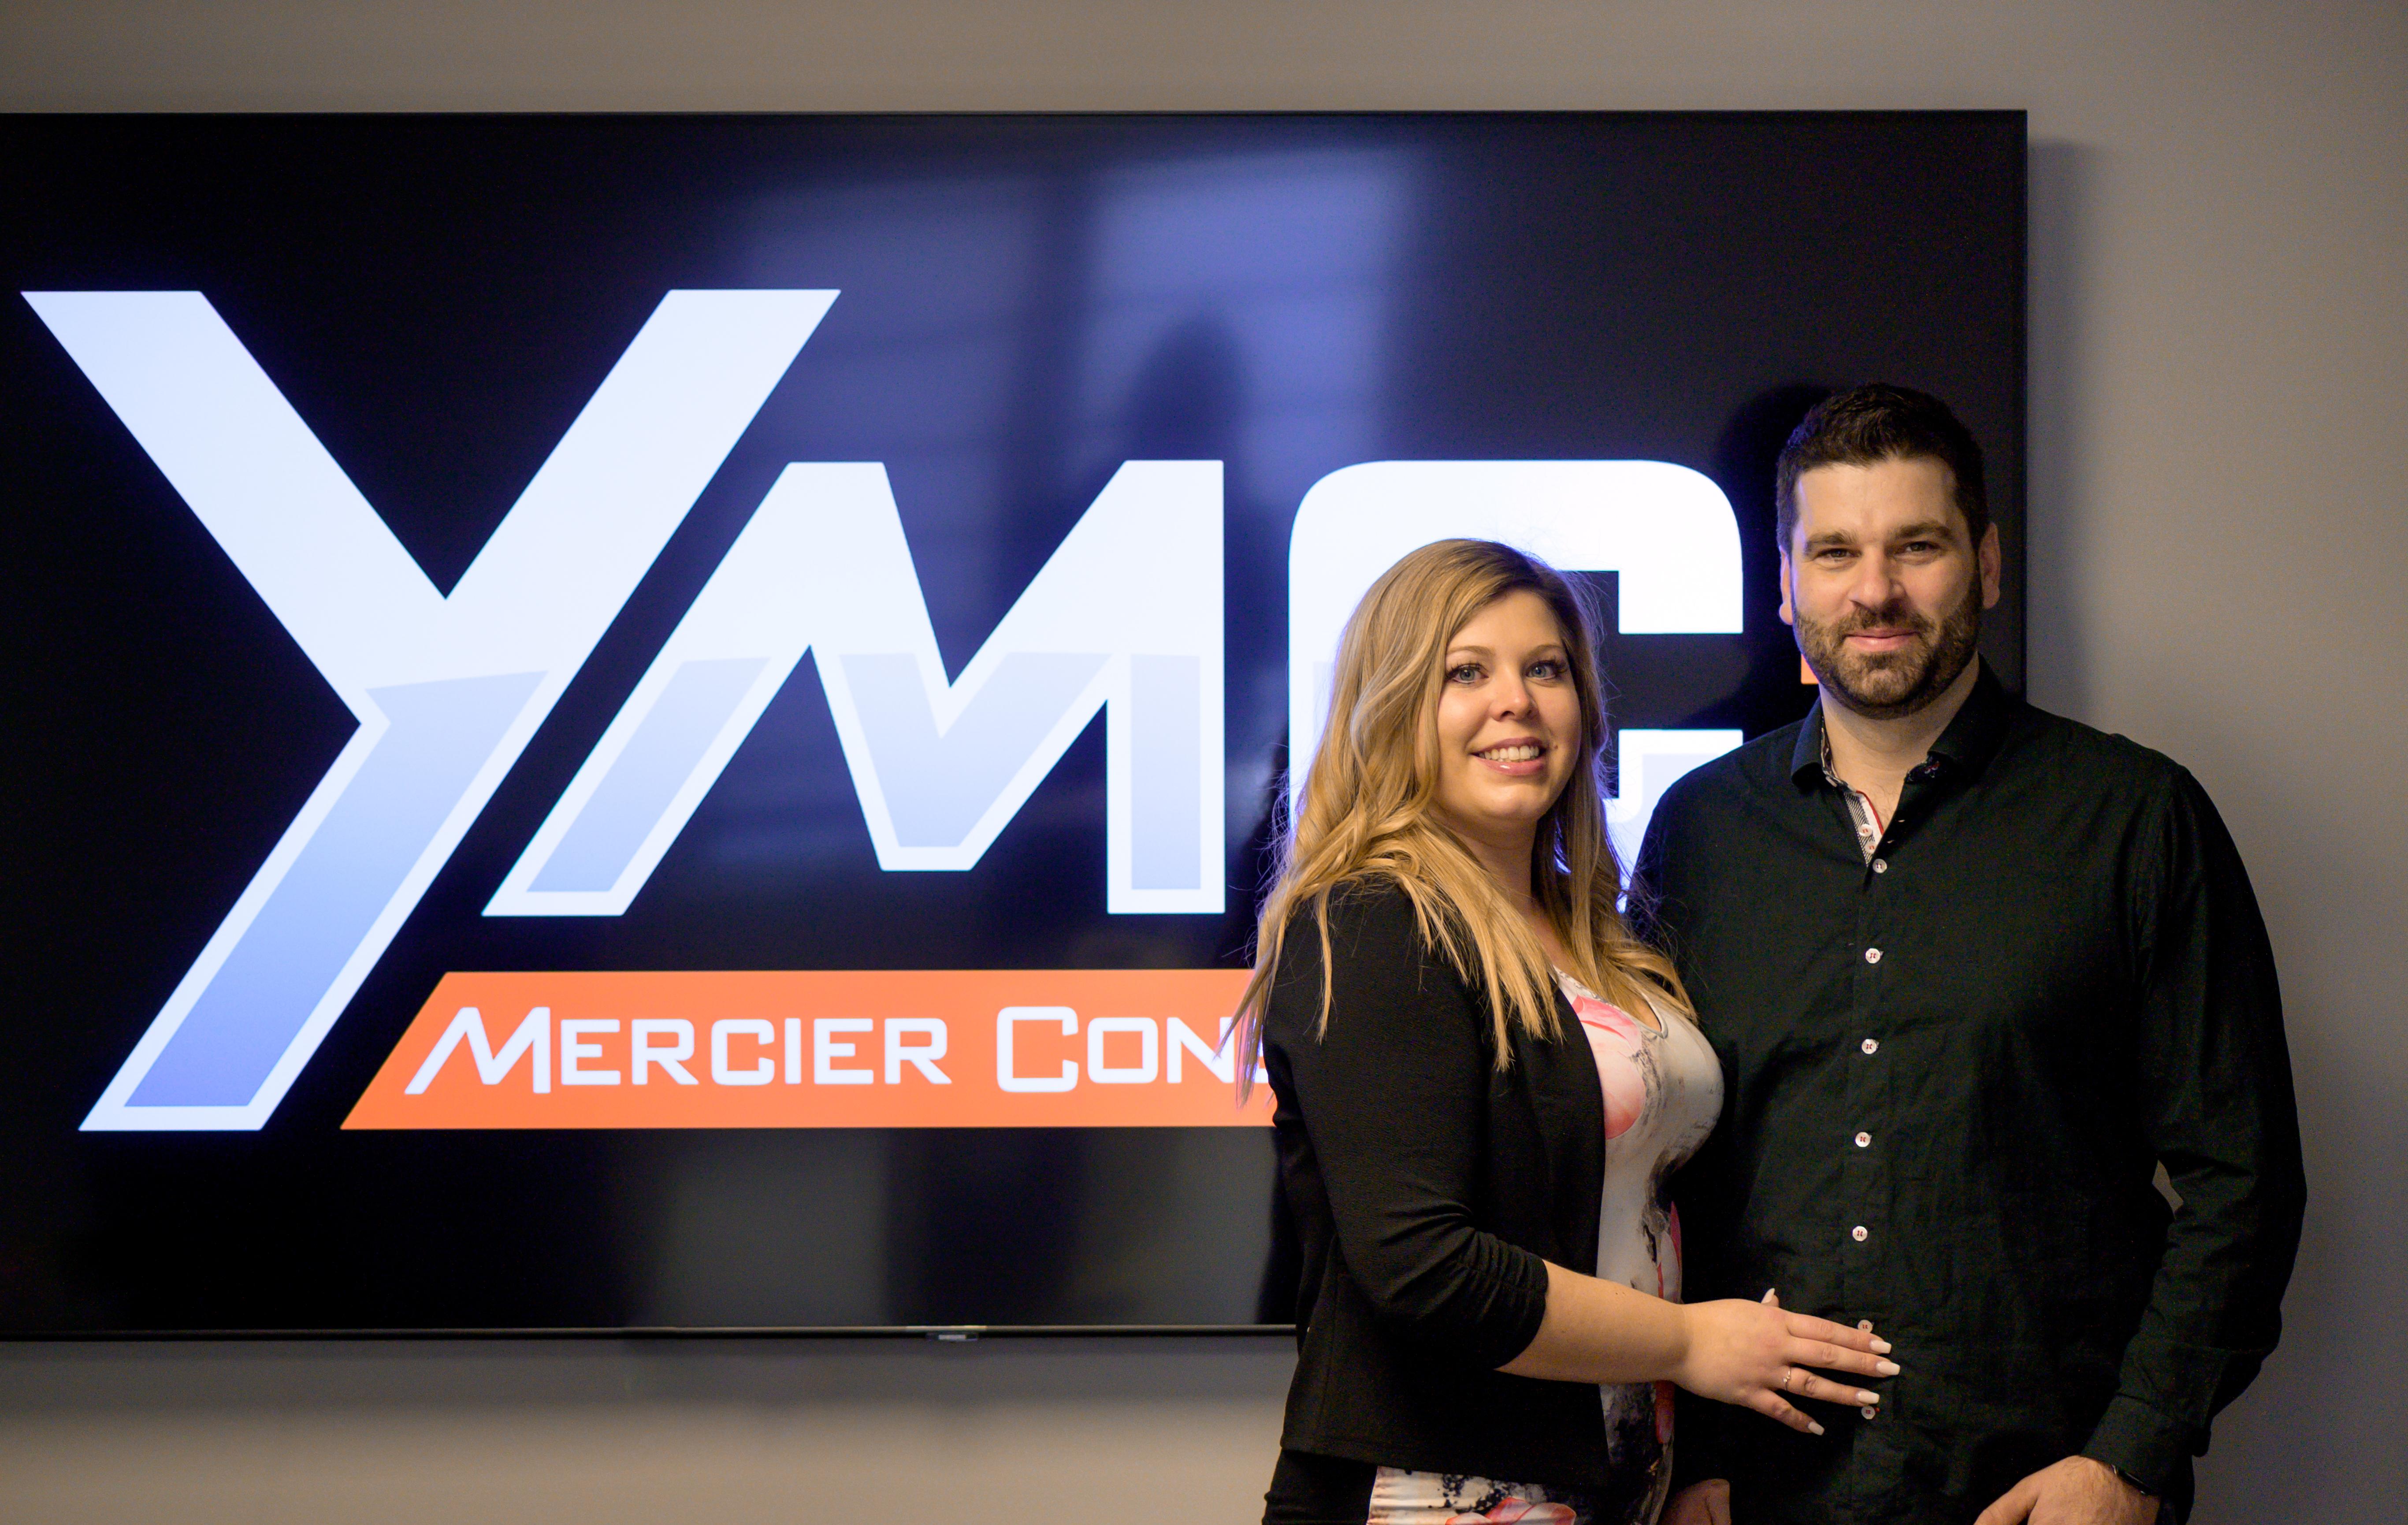 Y. Mercier Construction